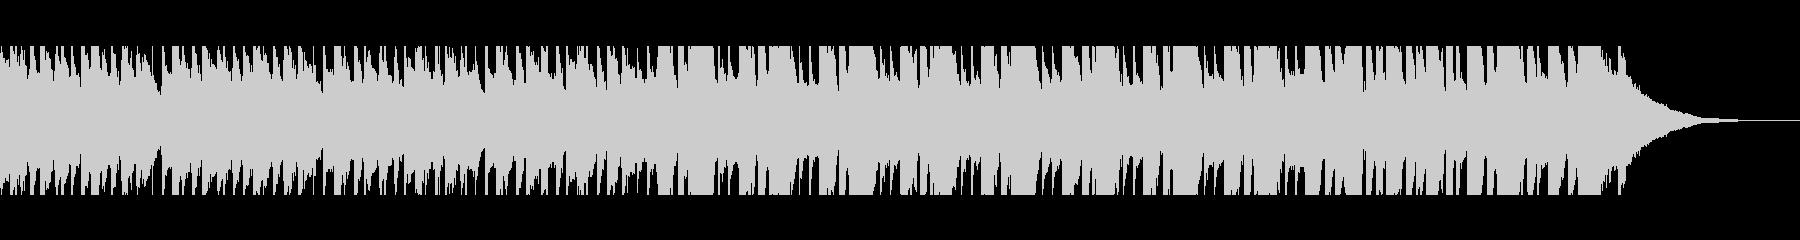 ハッピーアラビア語ラマダン(60秒)の未再生の波形